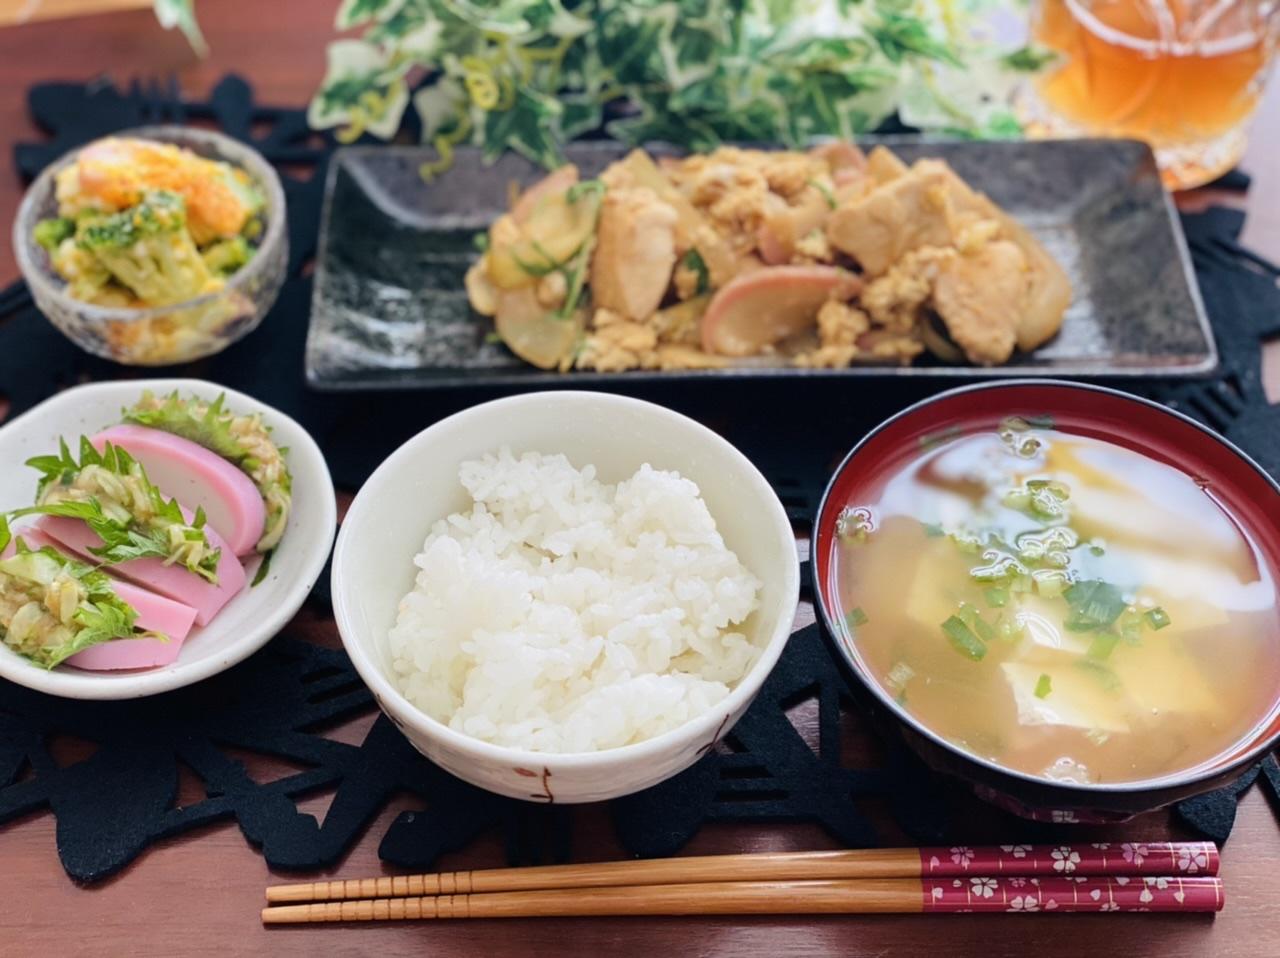 【今月のお家ごはん】アラサー女子の食卓!作り置きおかずでラク晩ご飯♡-Vol.23-_9